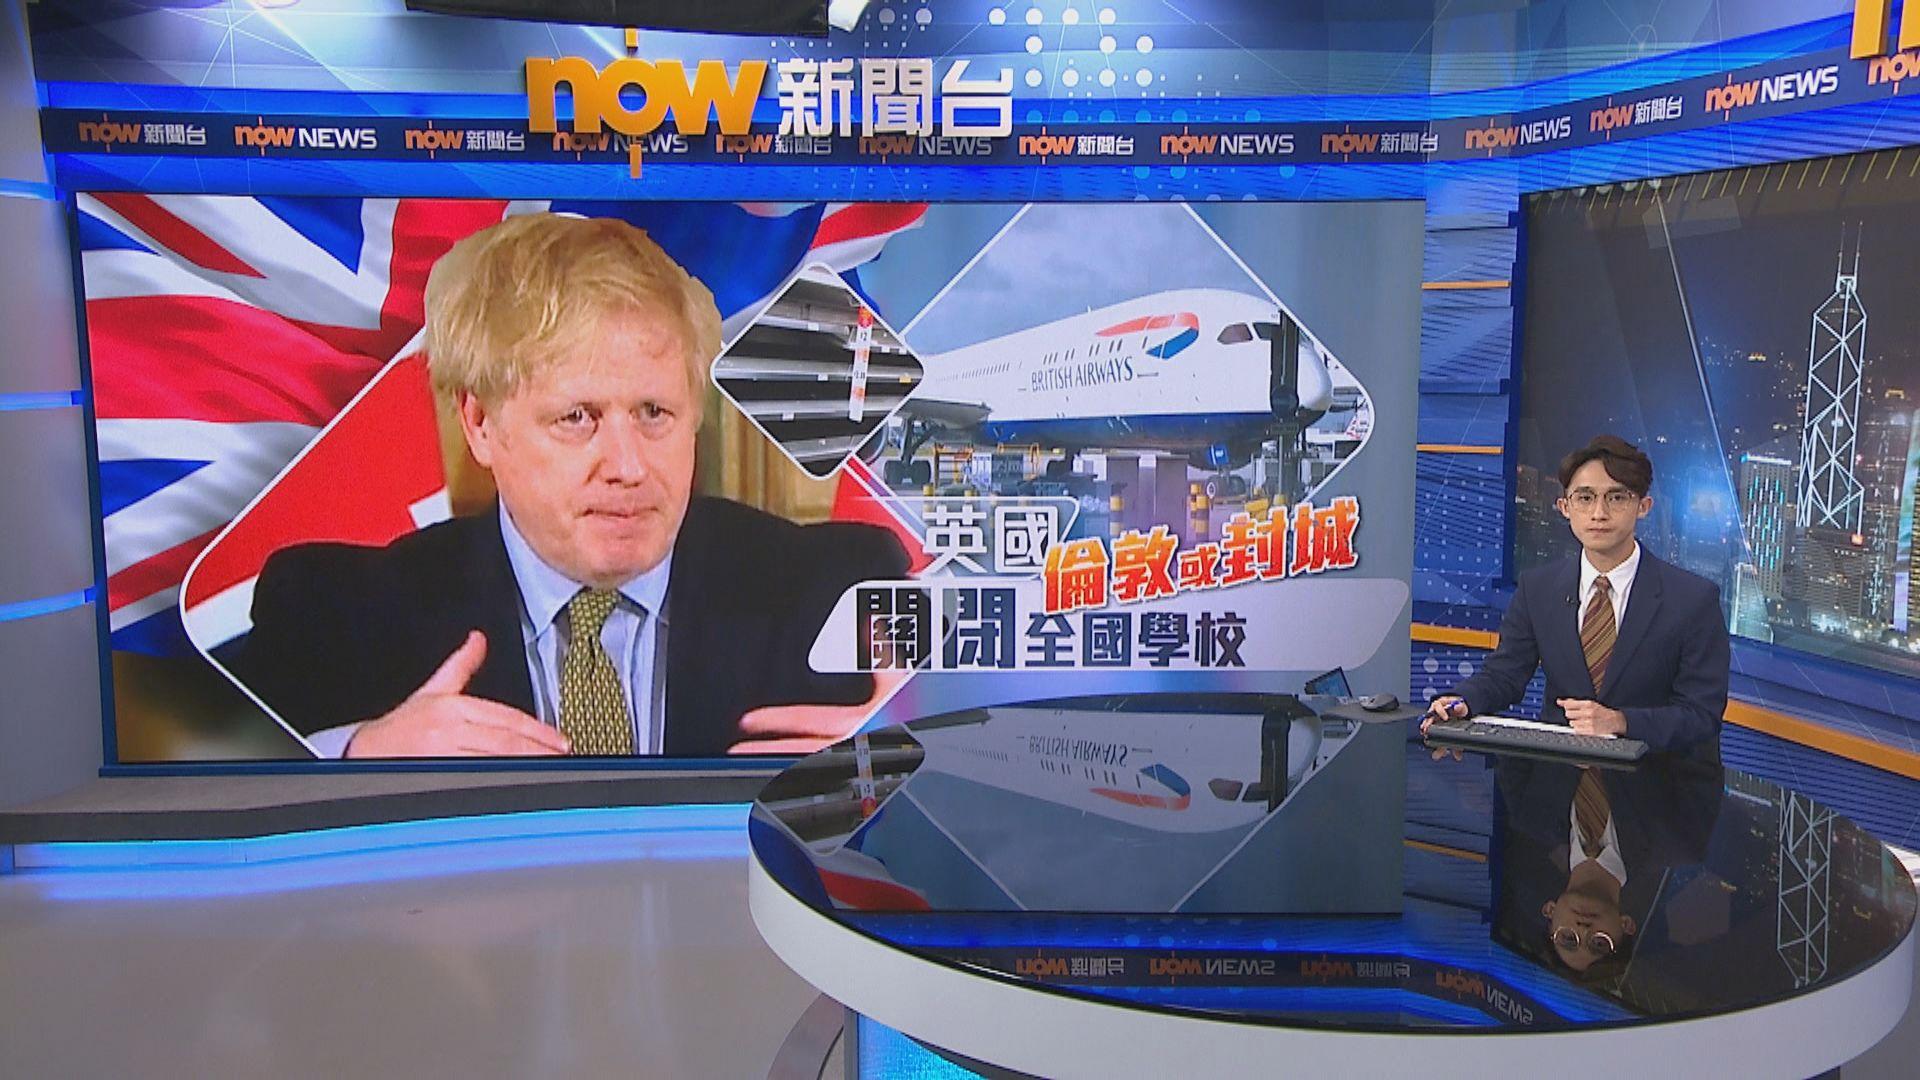 歐盟的英國脫歐首席談判代表巴尼耶病毒測試呈陽性